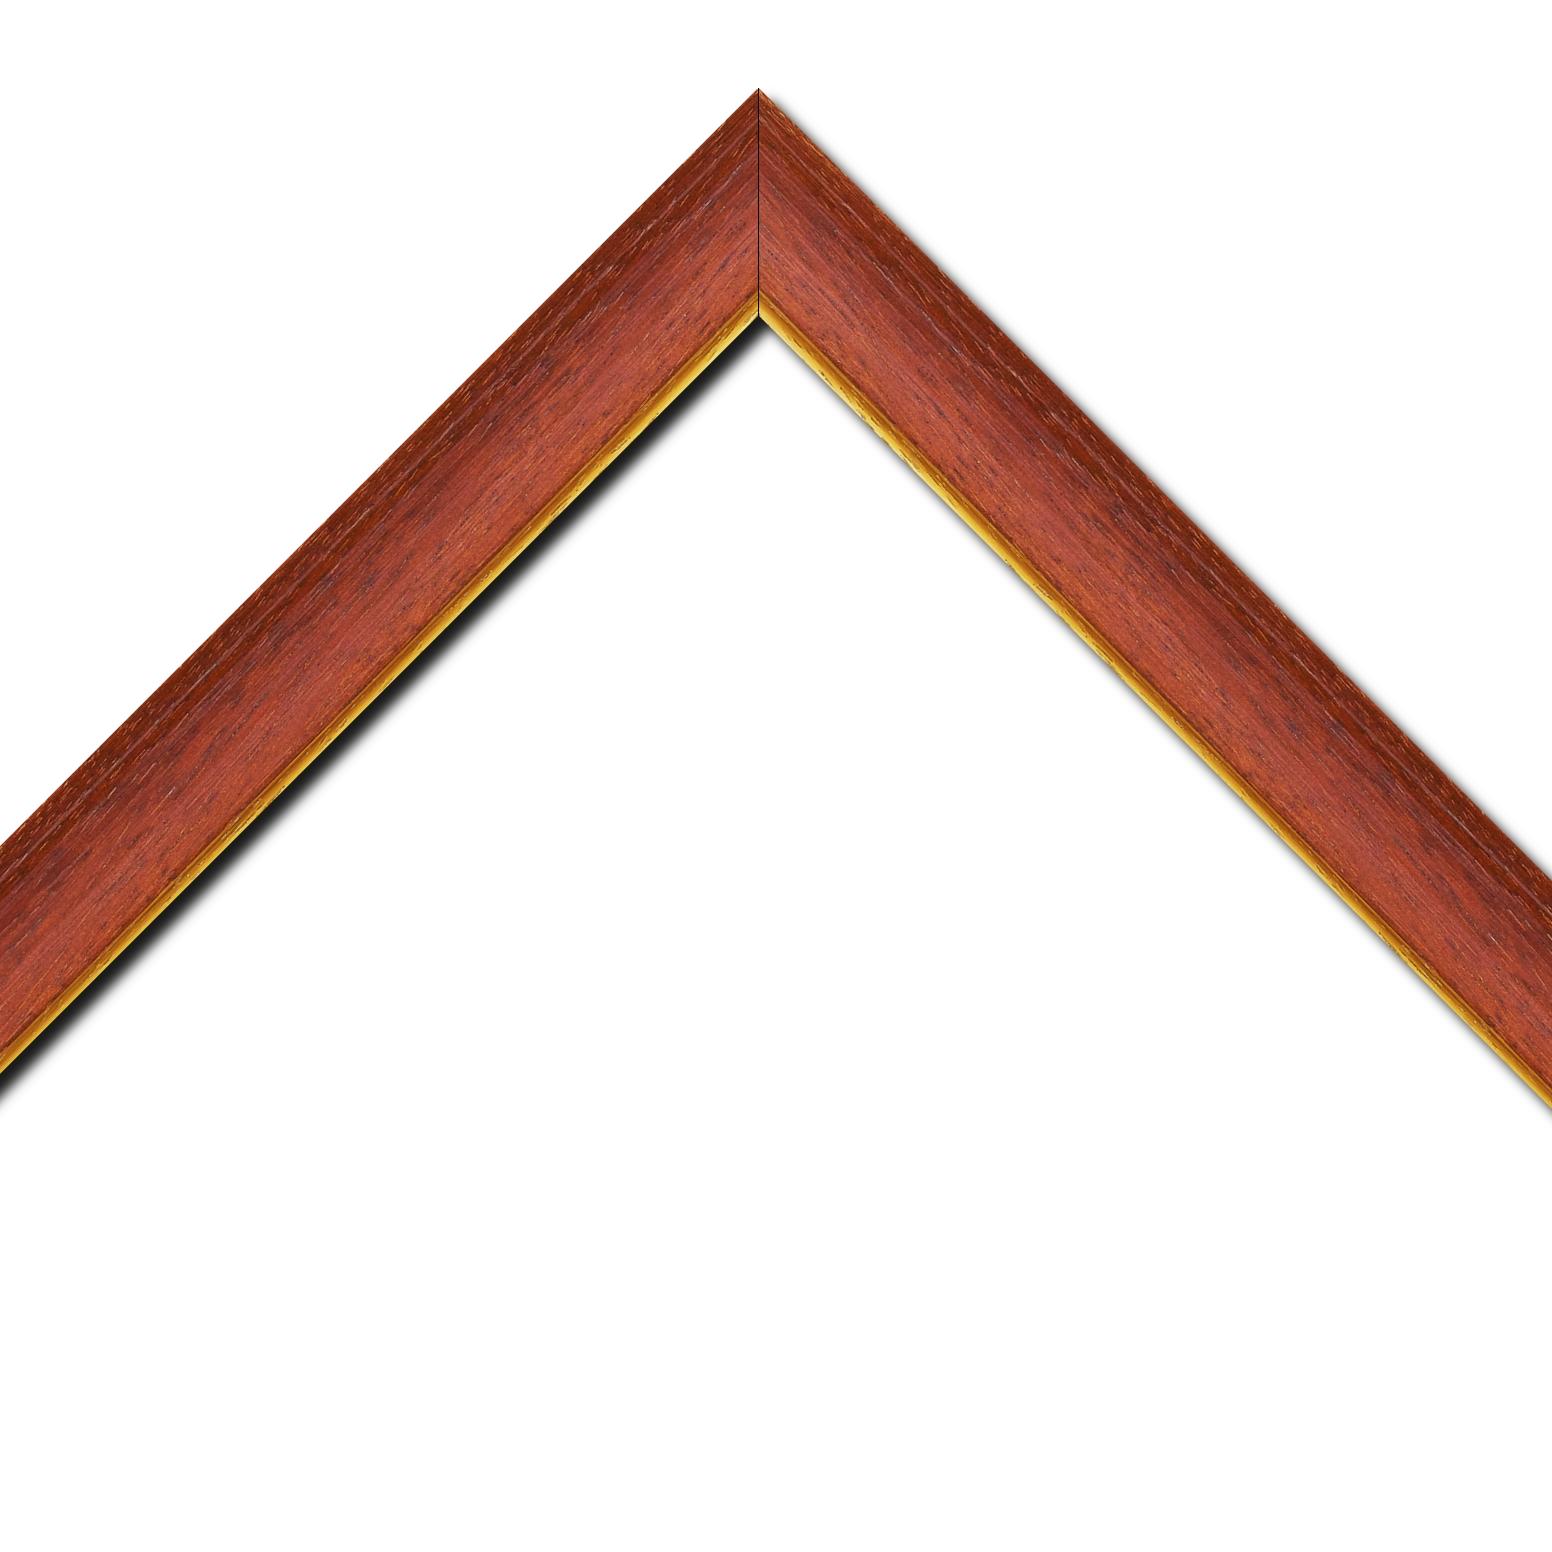 Baguette bois profil incurvé largeur 3.9cm couleur rouge cerise satiné filet or